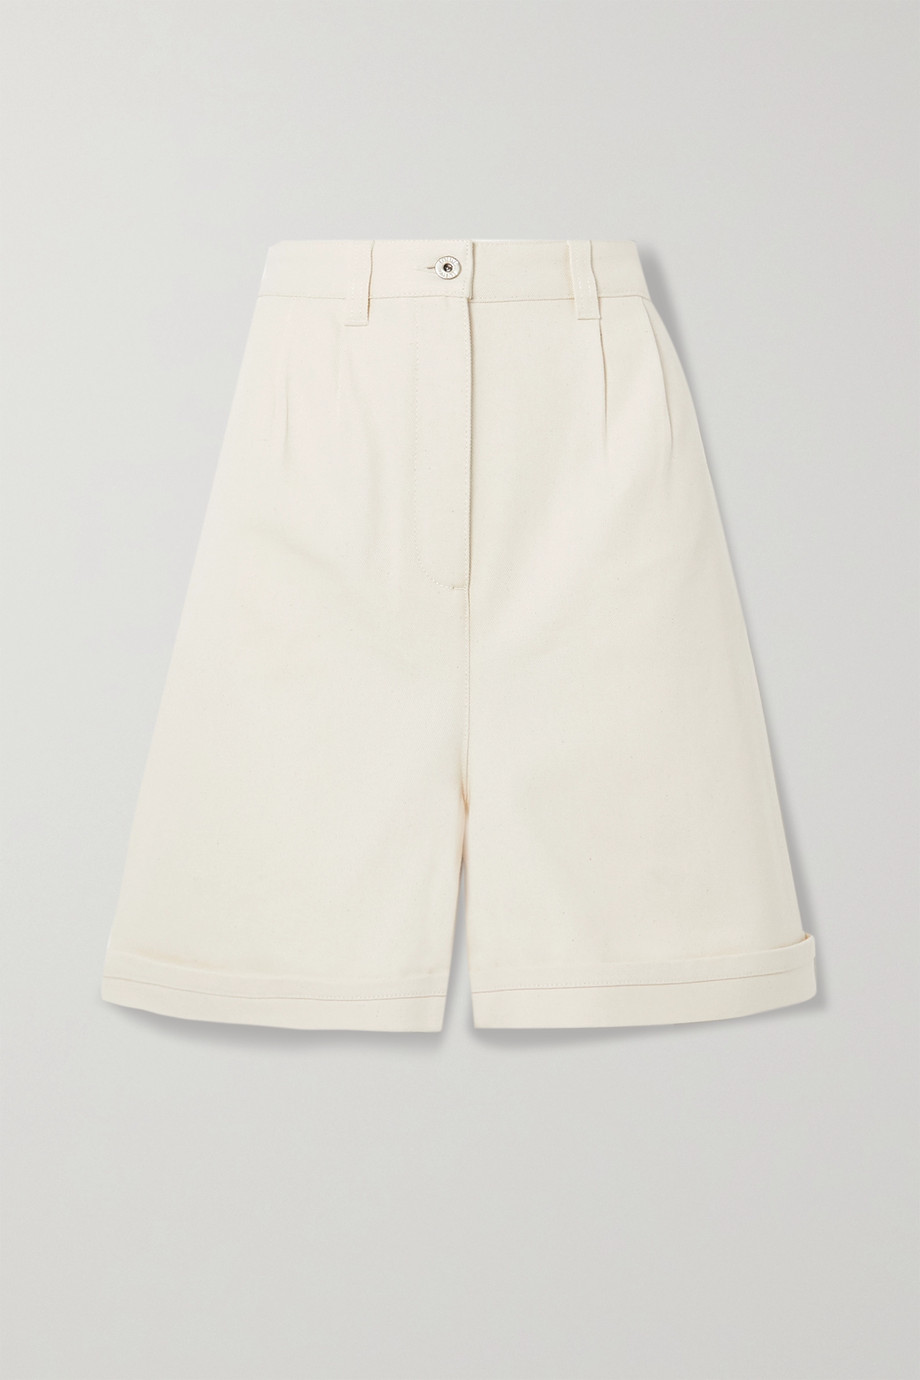 Loewe Short en jean